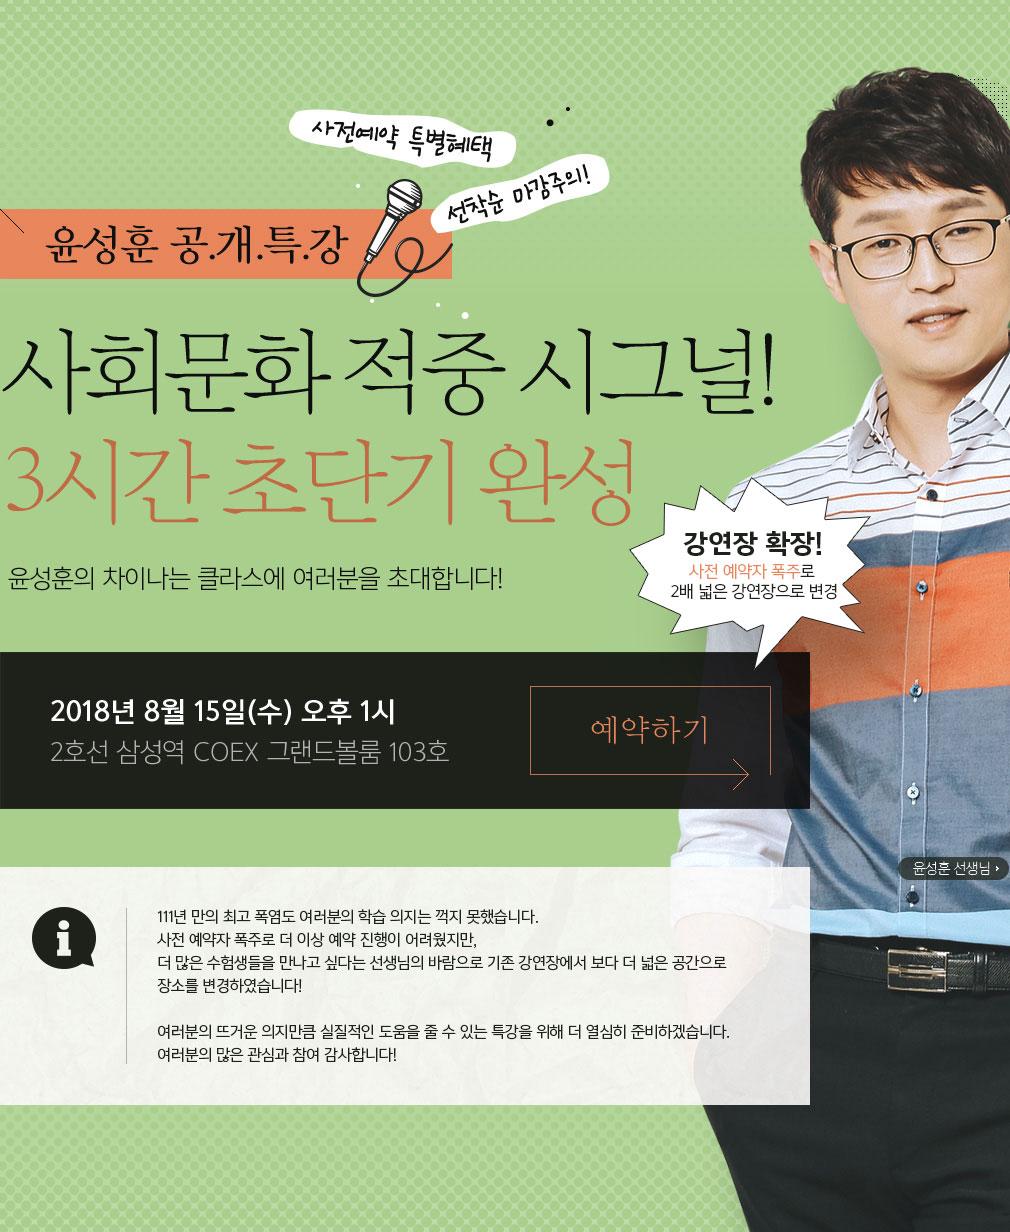 사회문화 적중 시그널! 3시간 초단기 완성